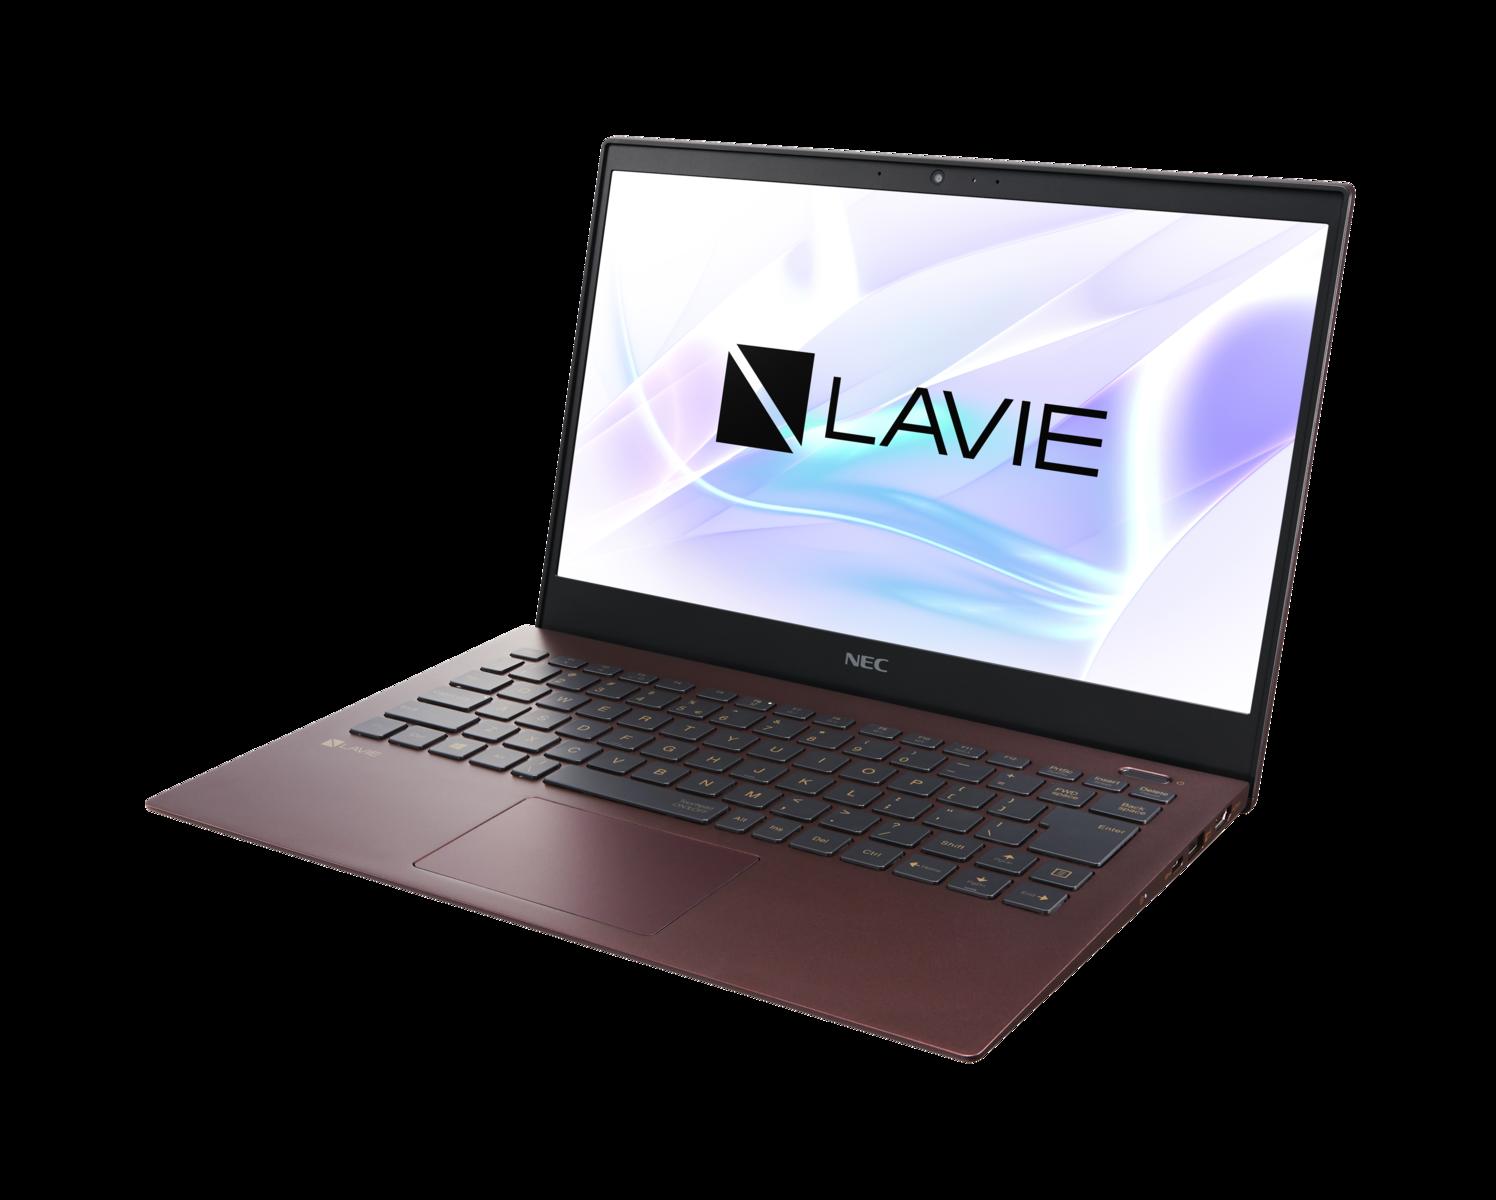 [CES 2020] NEC ra mắt laptop Lavie Pro Mobille: Mỏng nhẹ nhưng vẫn đầy đủ cổng kết nối